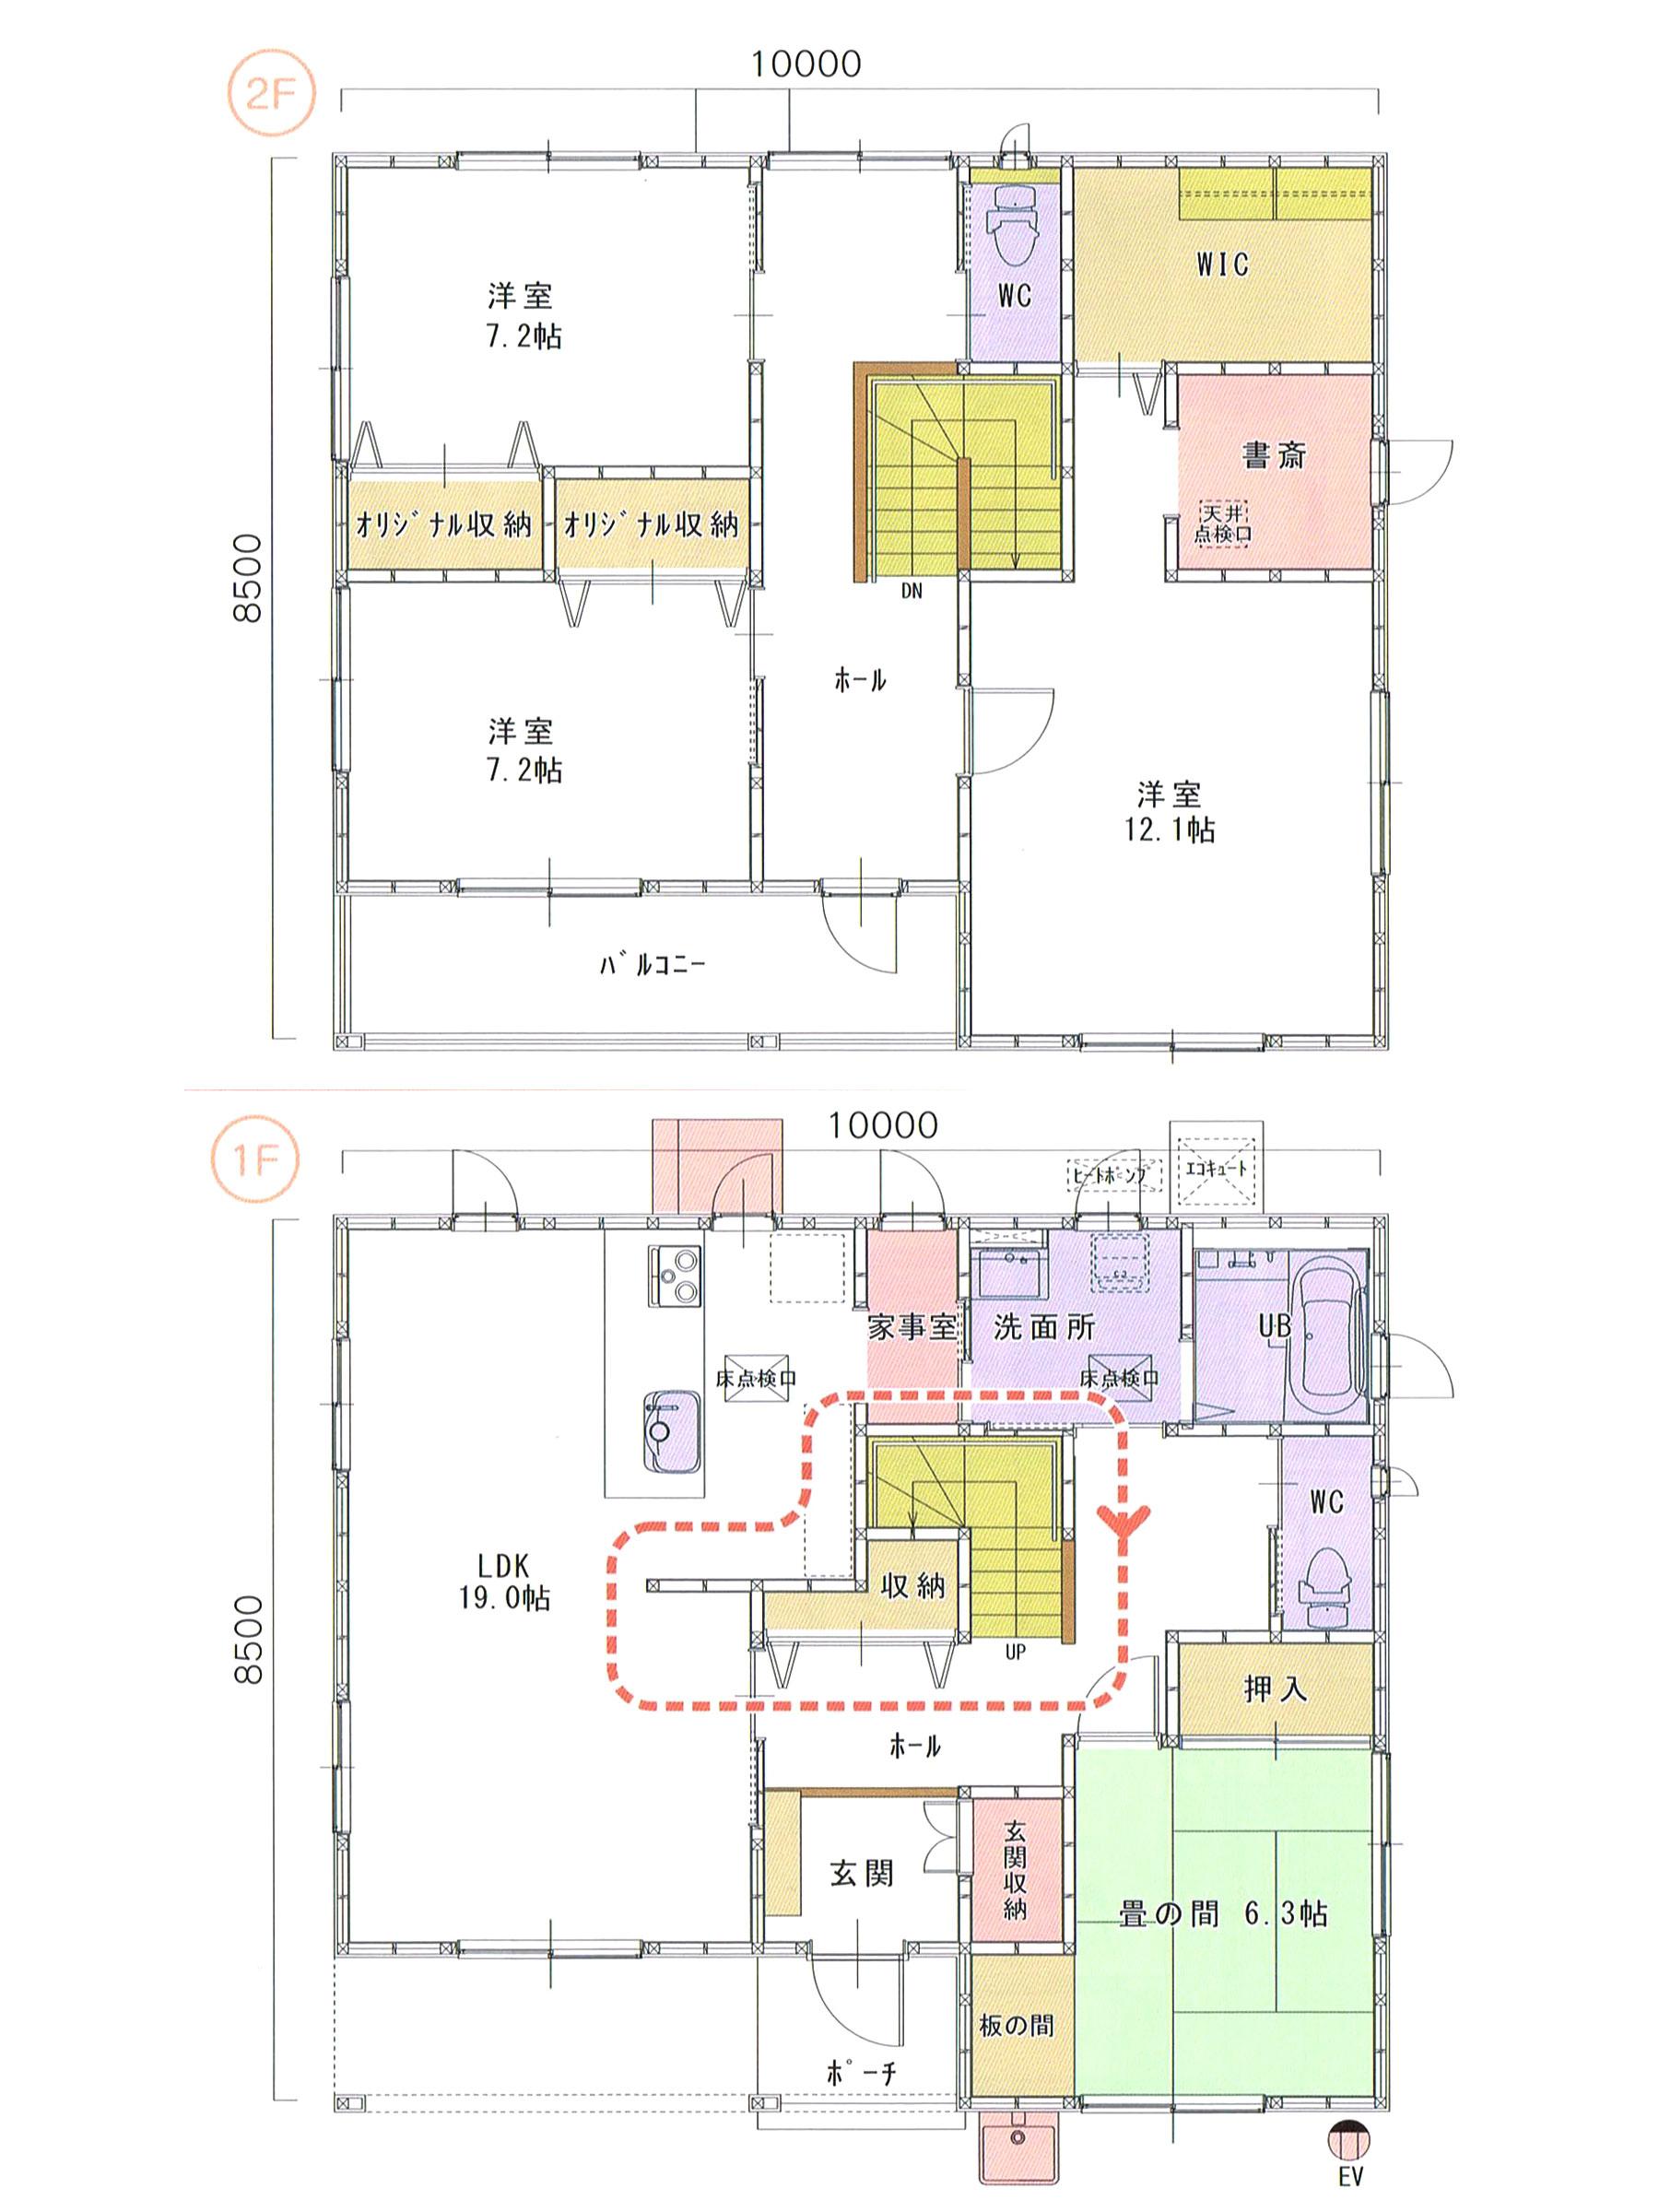 プランK-49 スモリの家